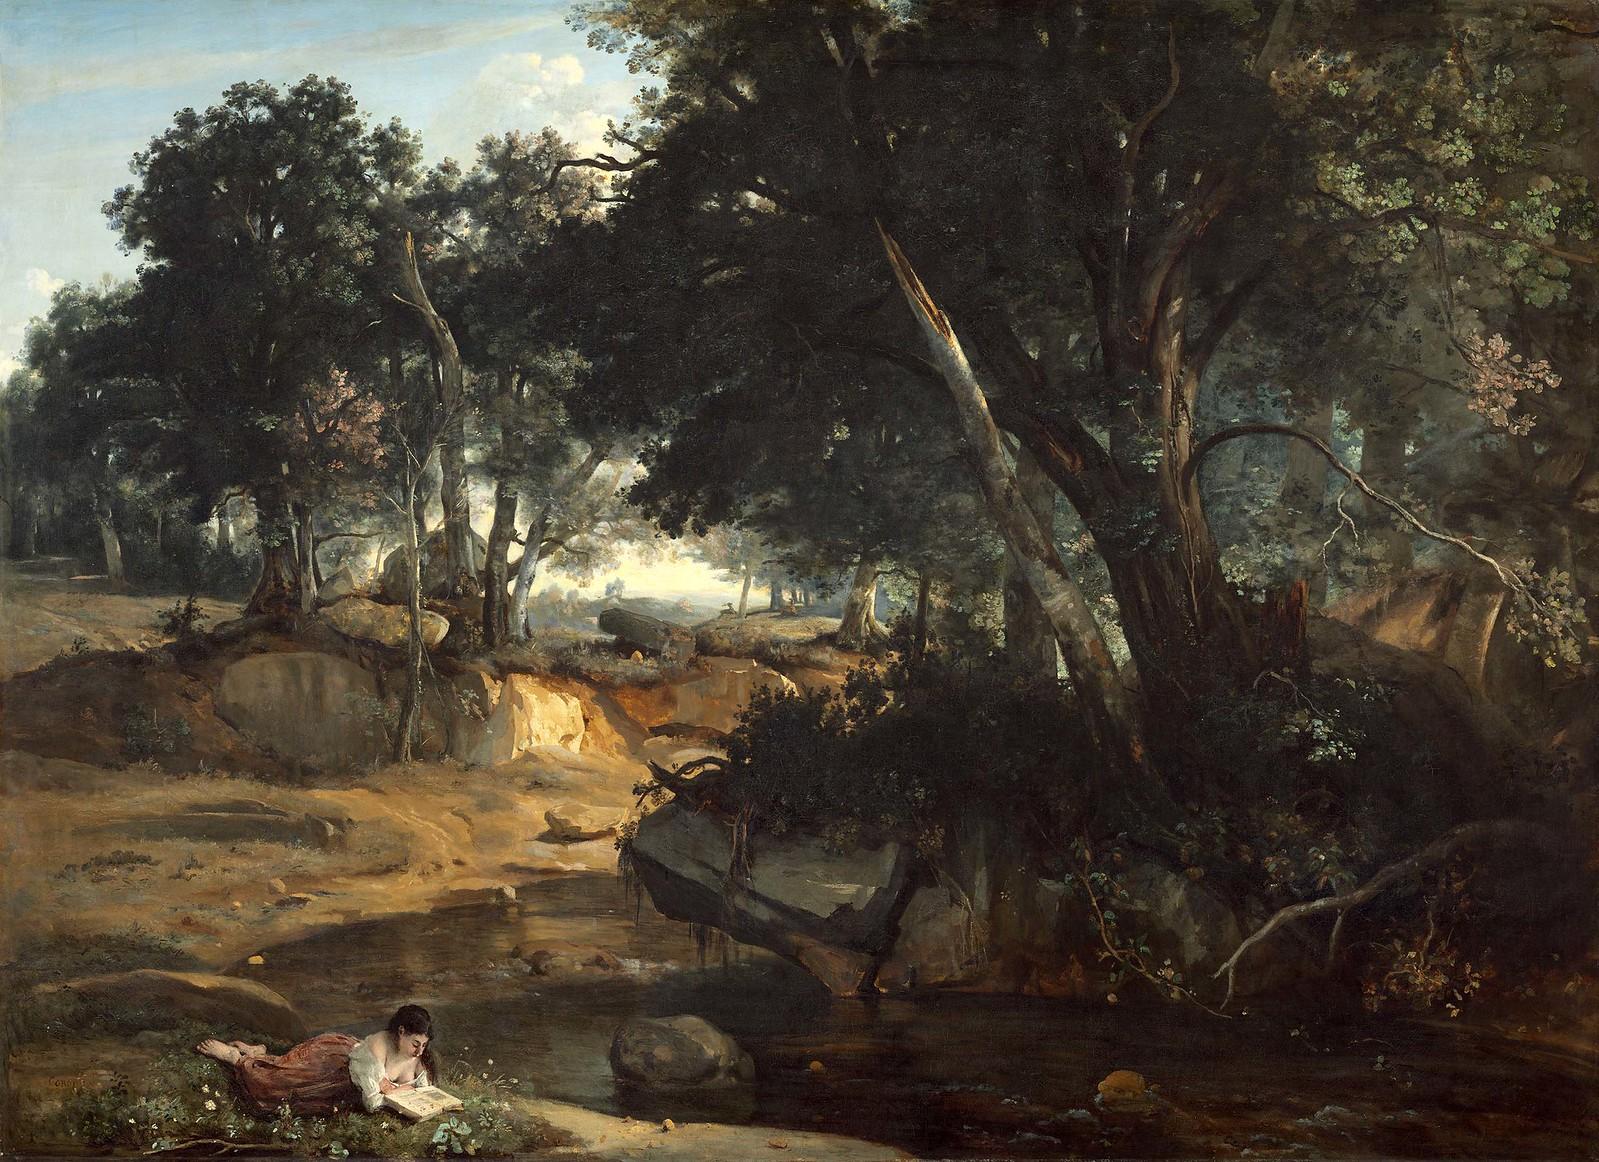 Camille Corot: Corot, Der Wald von Fontainebleau, 1834